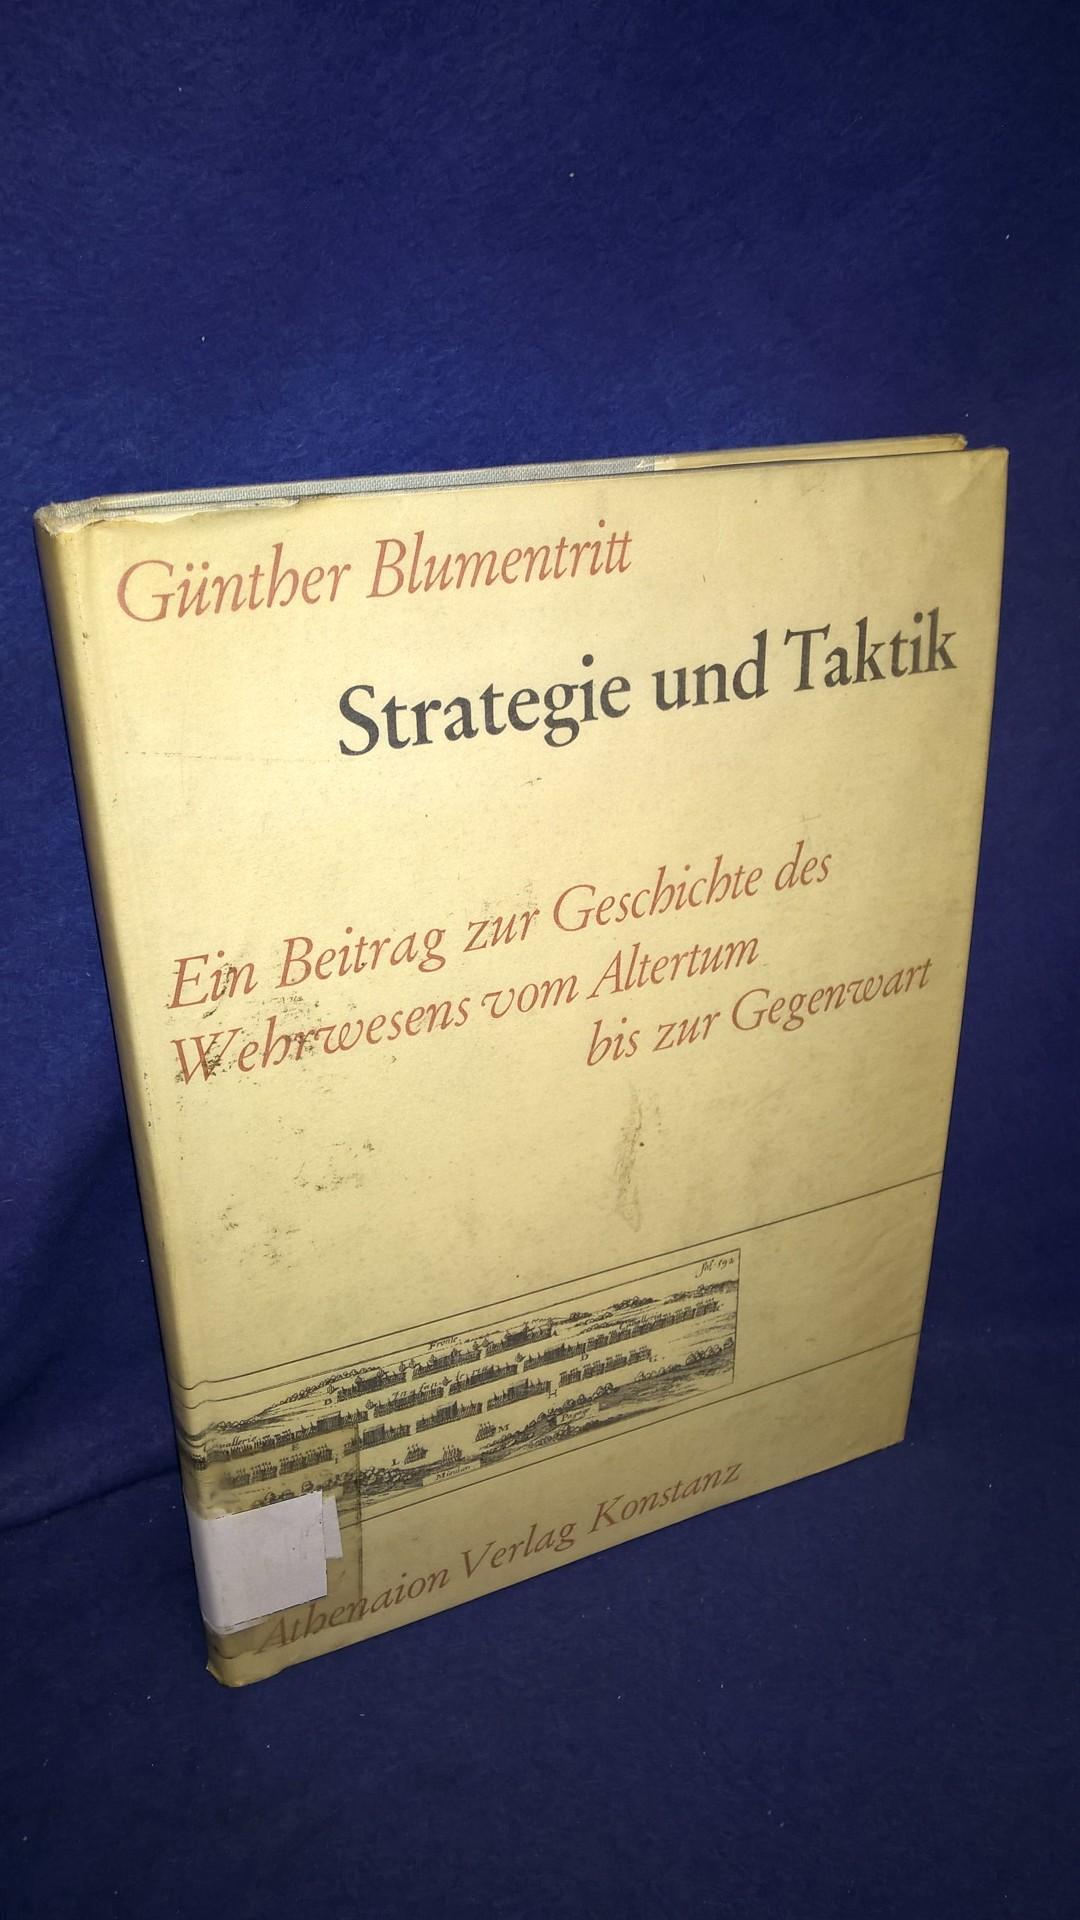 Strategie und Taktik. Ein Beitrag zur Geschichte des Wehrwesens vom Altertum bis zur Gegenwart.